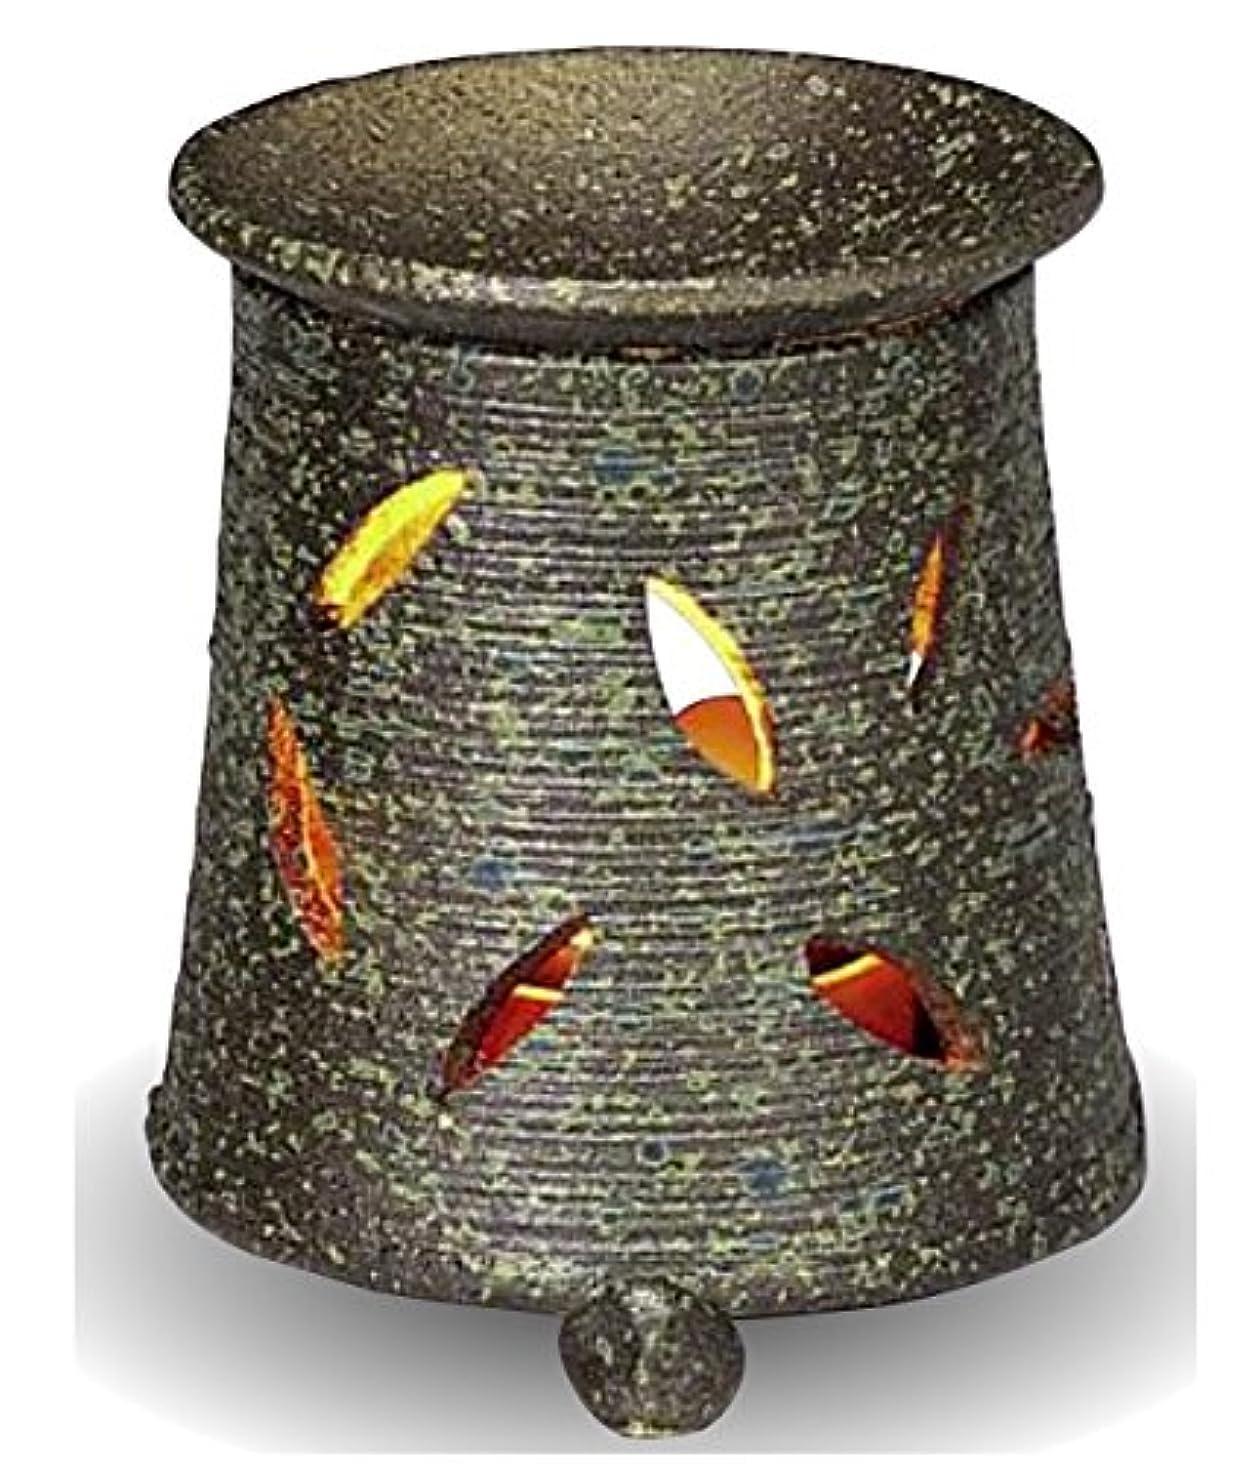 かる便利さグリット常滑焼 茶香炉(アロマポット)径9.5×高さ10.5cm